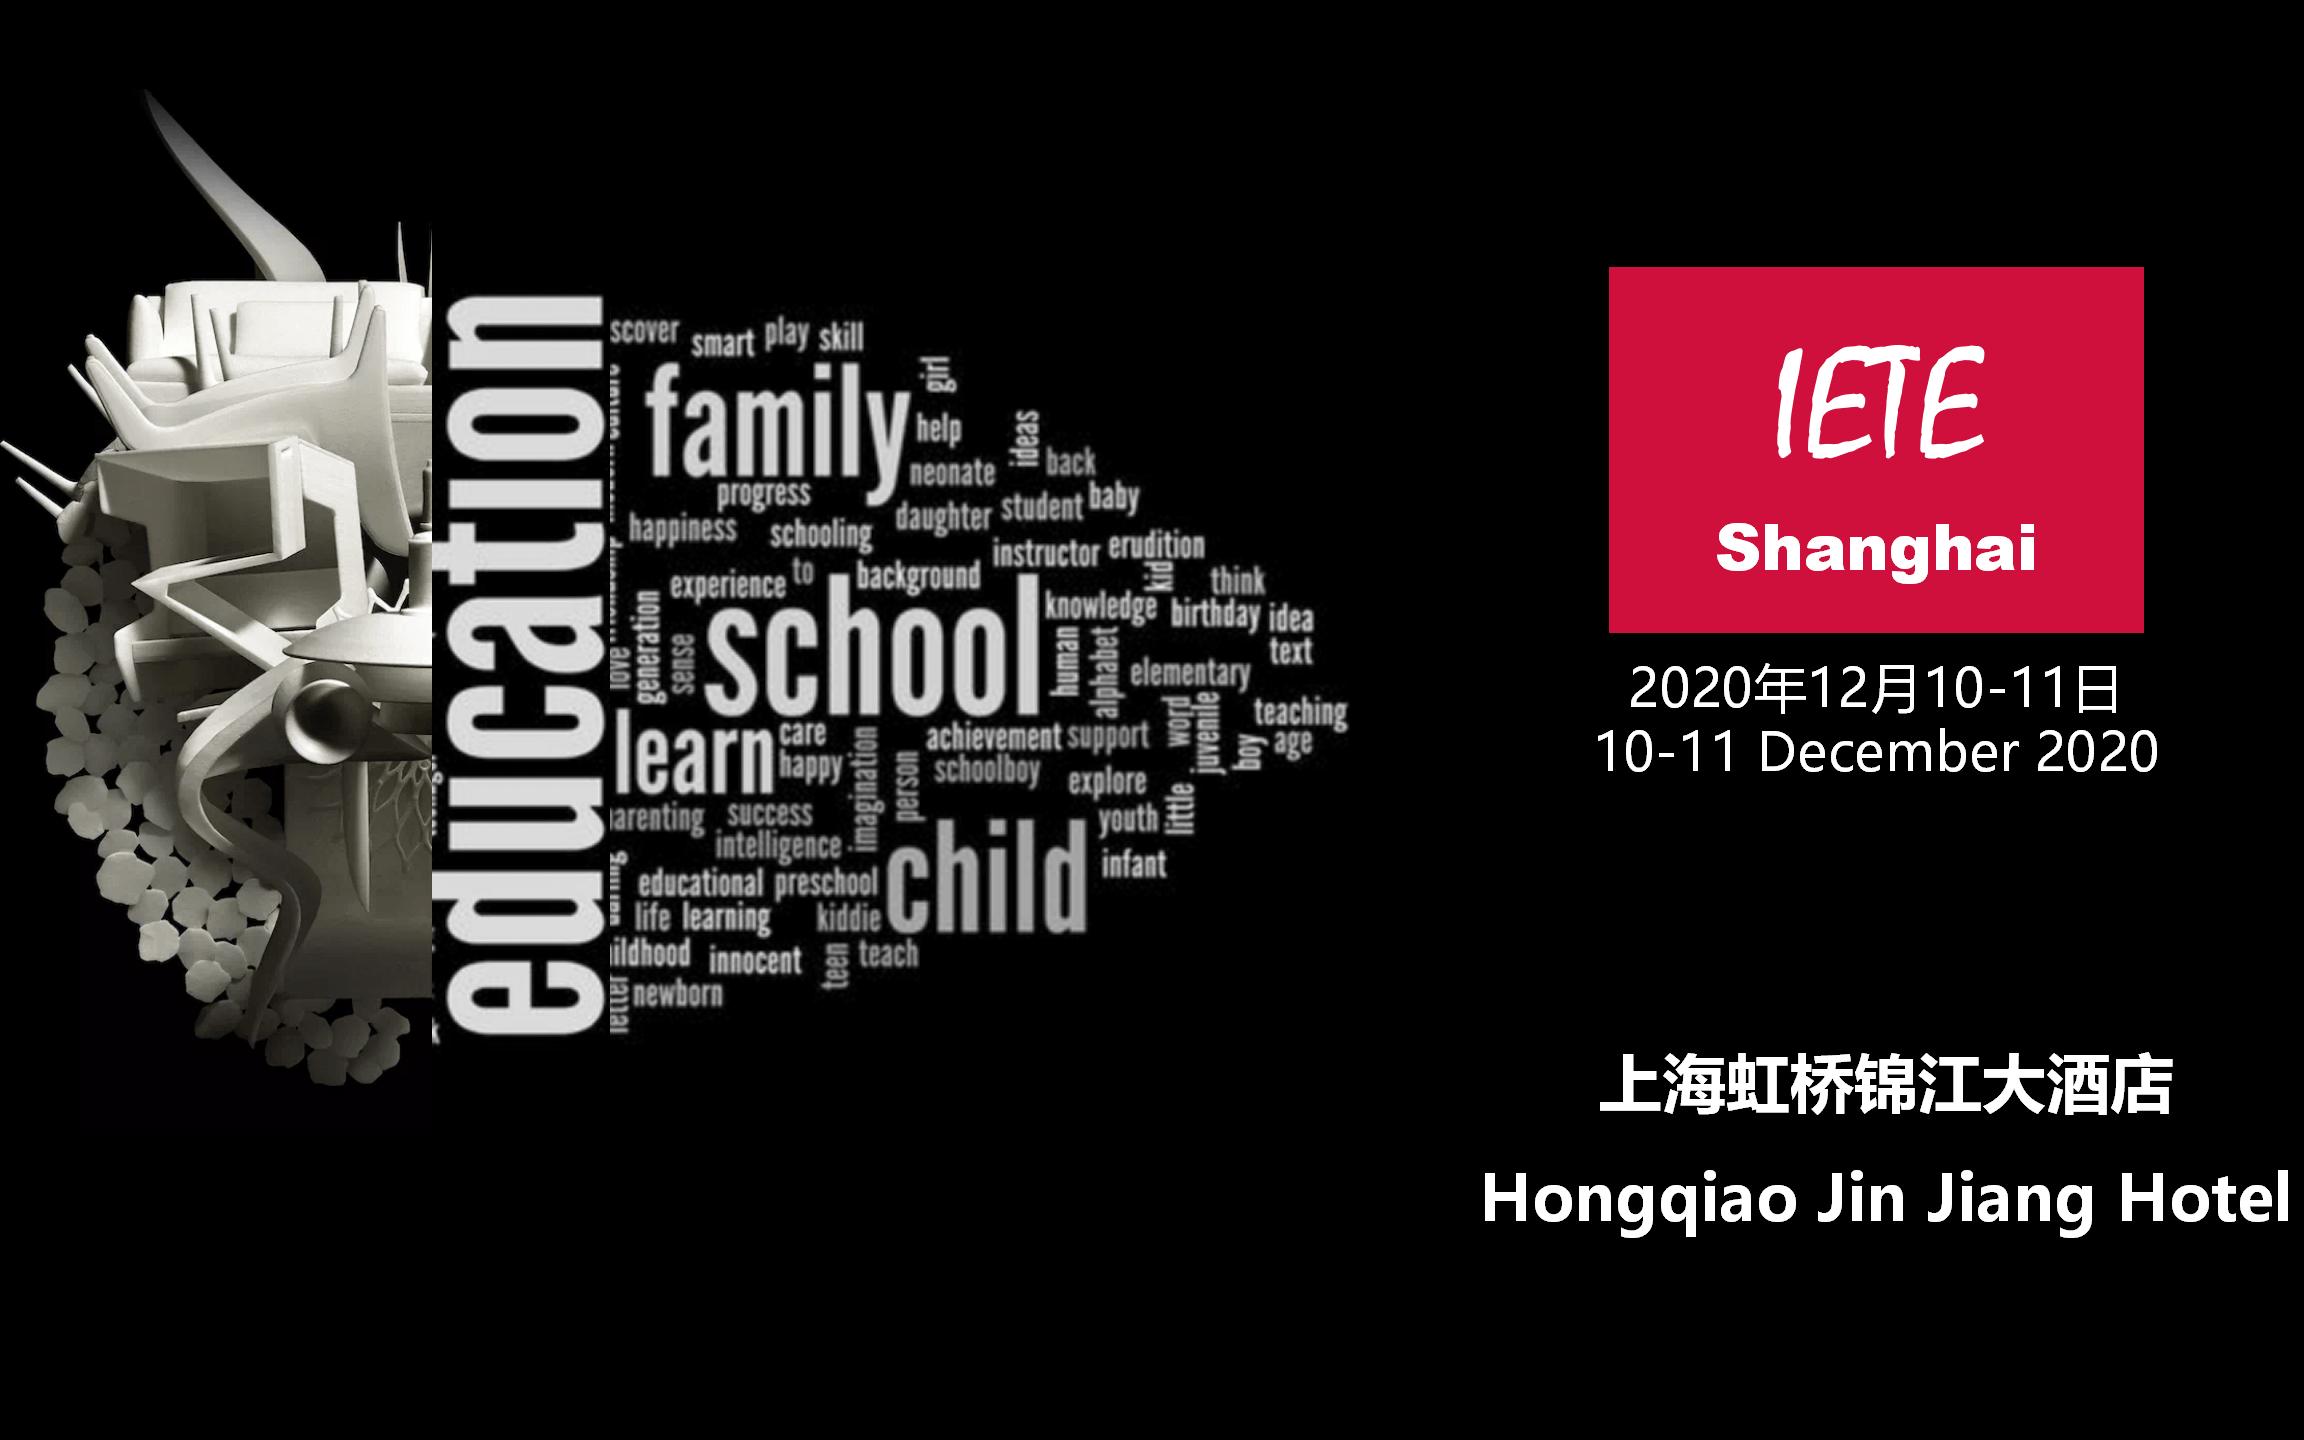 2020国际教育产业科技博览会暨2020全球教育科技创新与发展大会